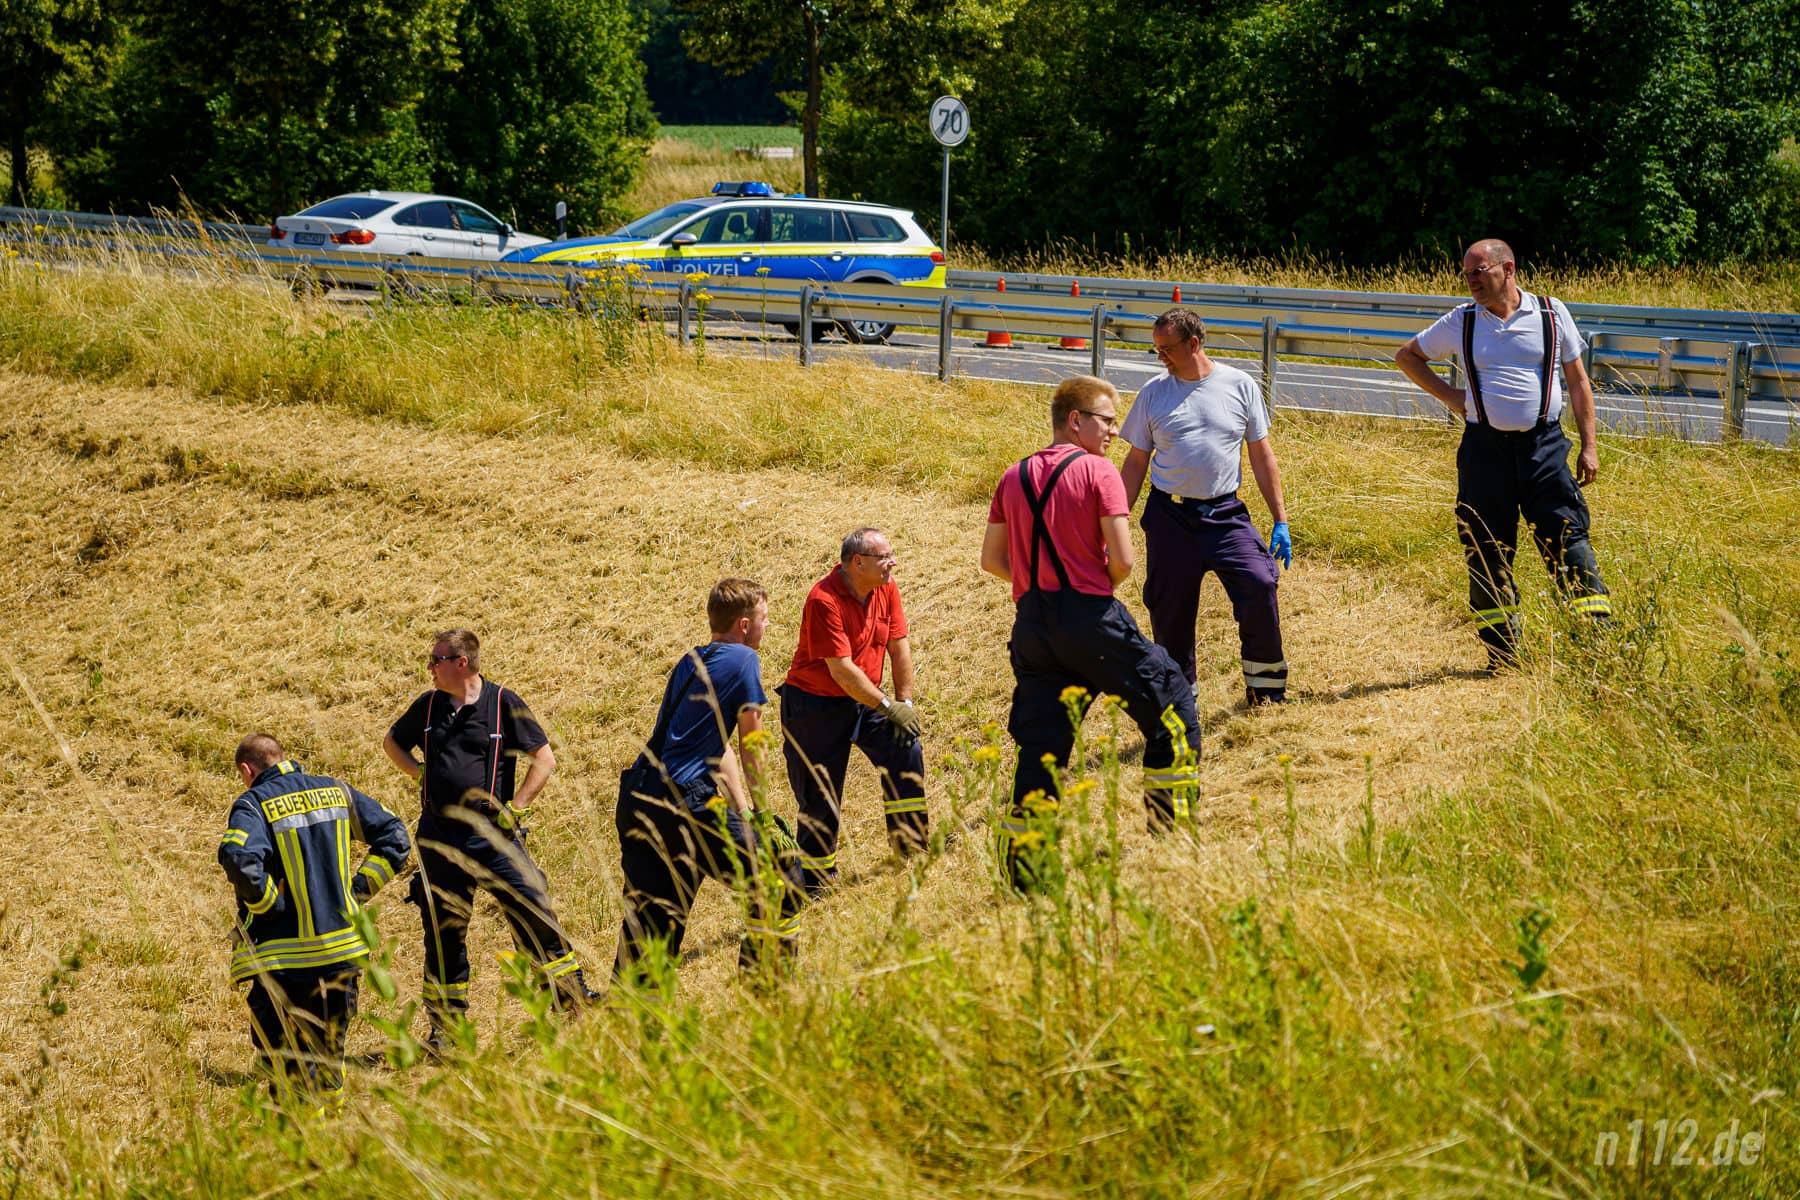 Menschenkette für einen sicheren Transport: Feuerwehrleute warten darauf, die Trage mit dem Verletzten die Böschung hinunter zu tragen (Foto: n112.de/Stefan Simonsen)